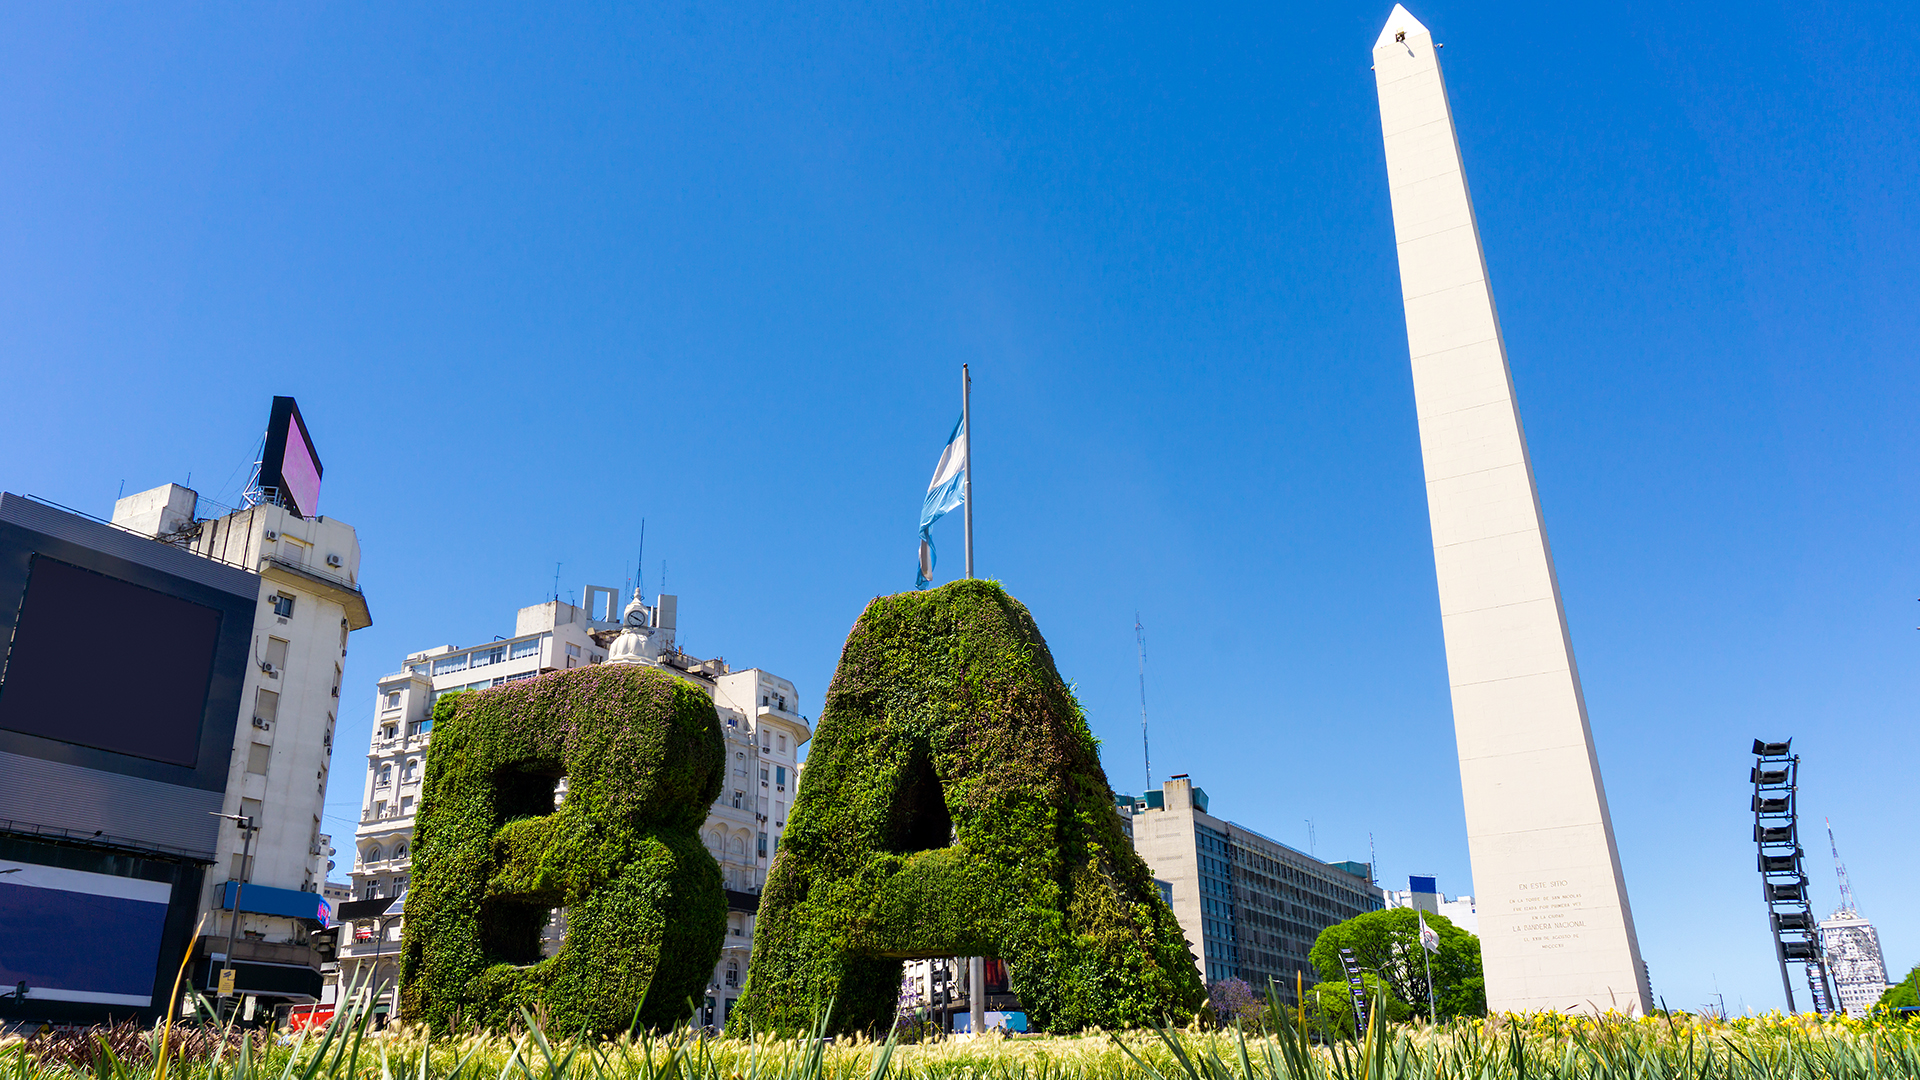 El obelisco, será un monumento histórico nacional (Getty Images)